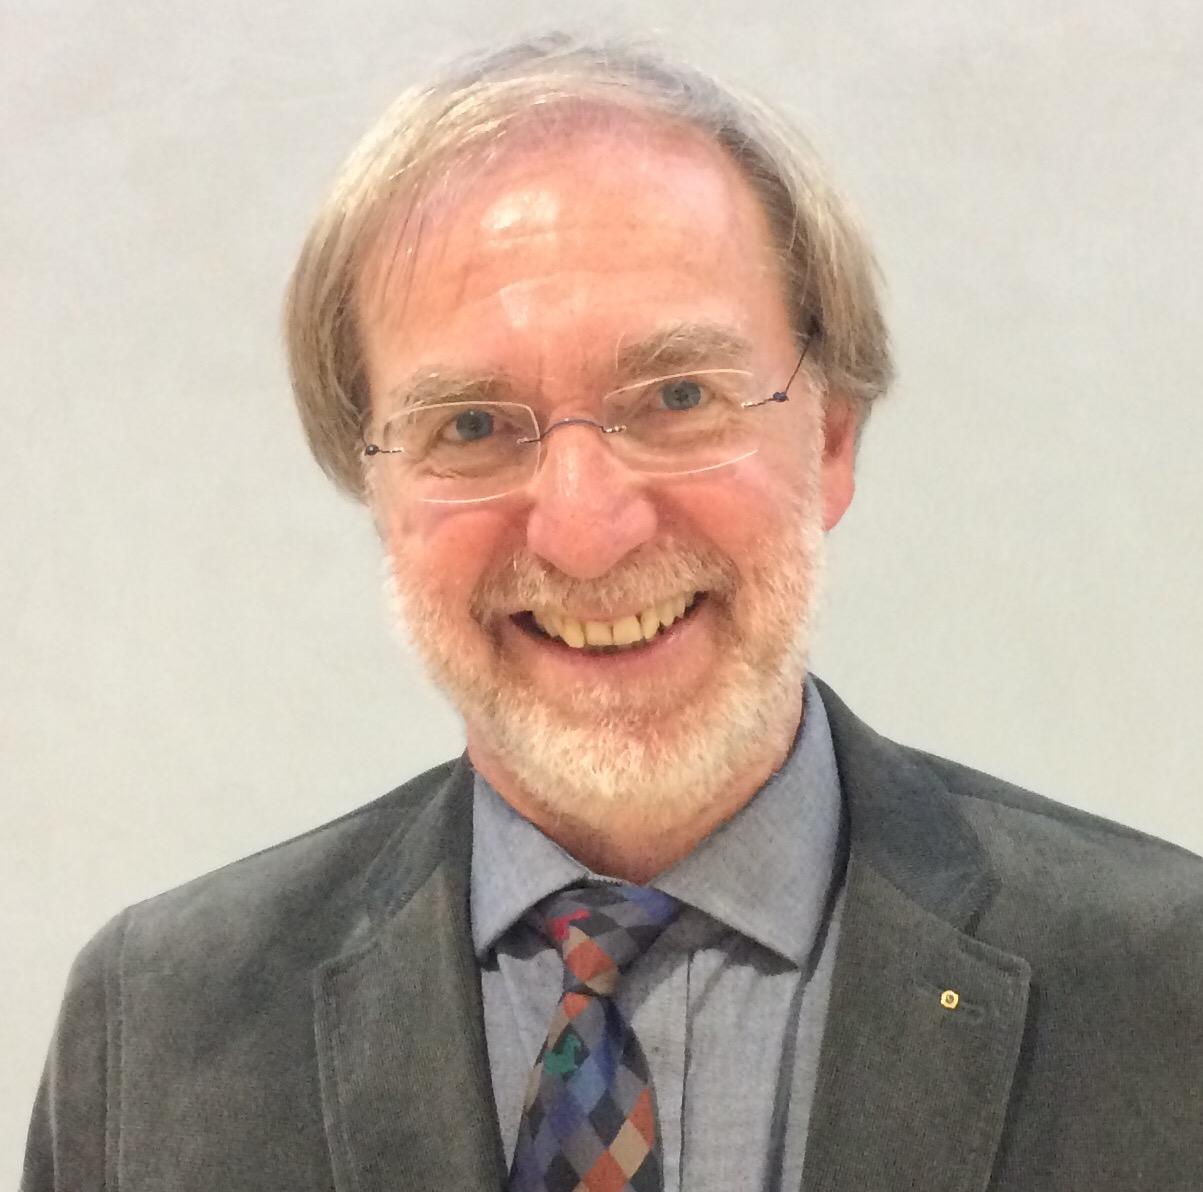 Freut sich über die klar gewonnene Stichwahl zum Amt des 2. bpt-Vizepräsidenten: Dr. Karlheinz Schulte (Foto: © WiSiTiA/jh)